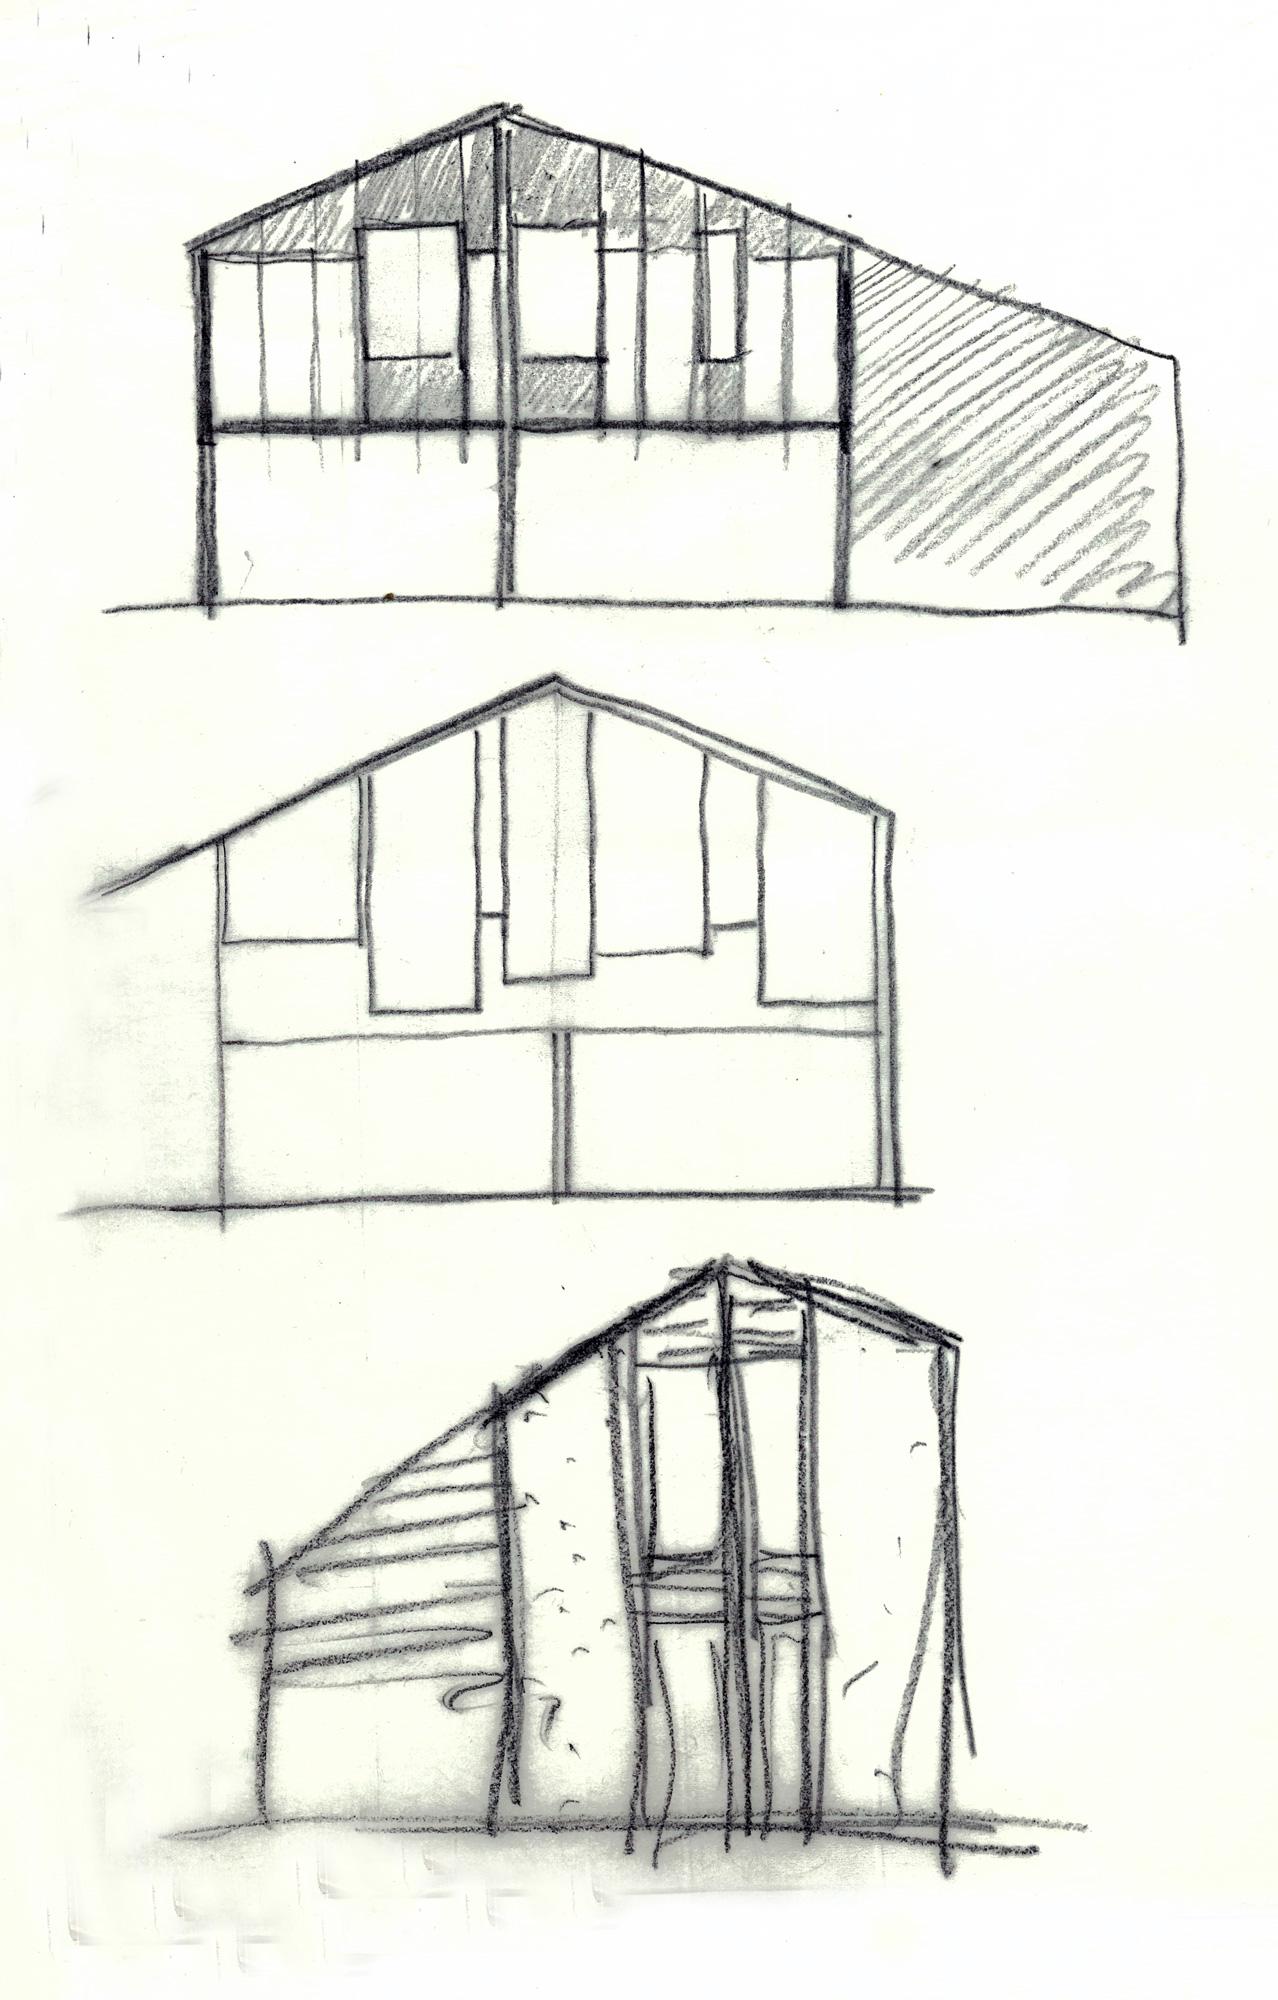 bruno stocco architetto  gama house in santa giustina in colle